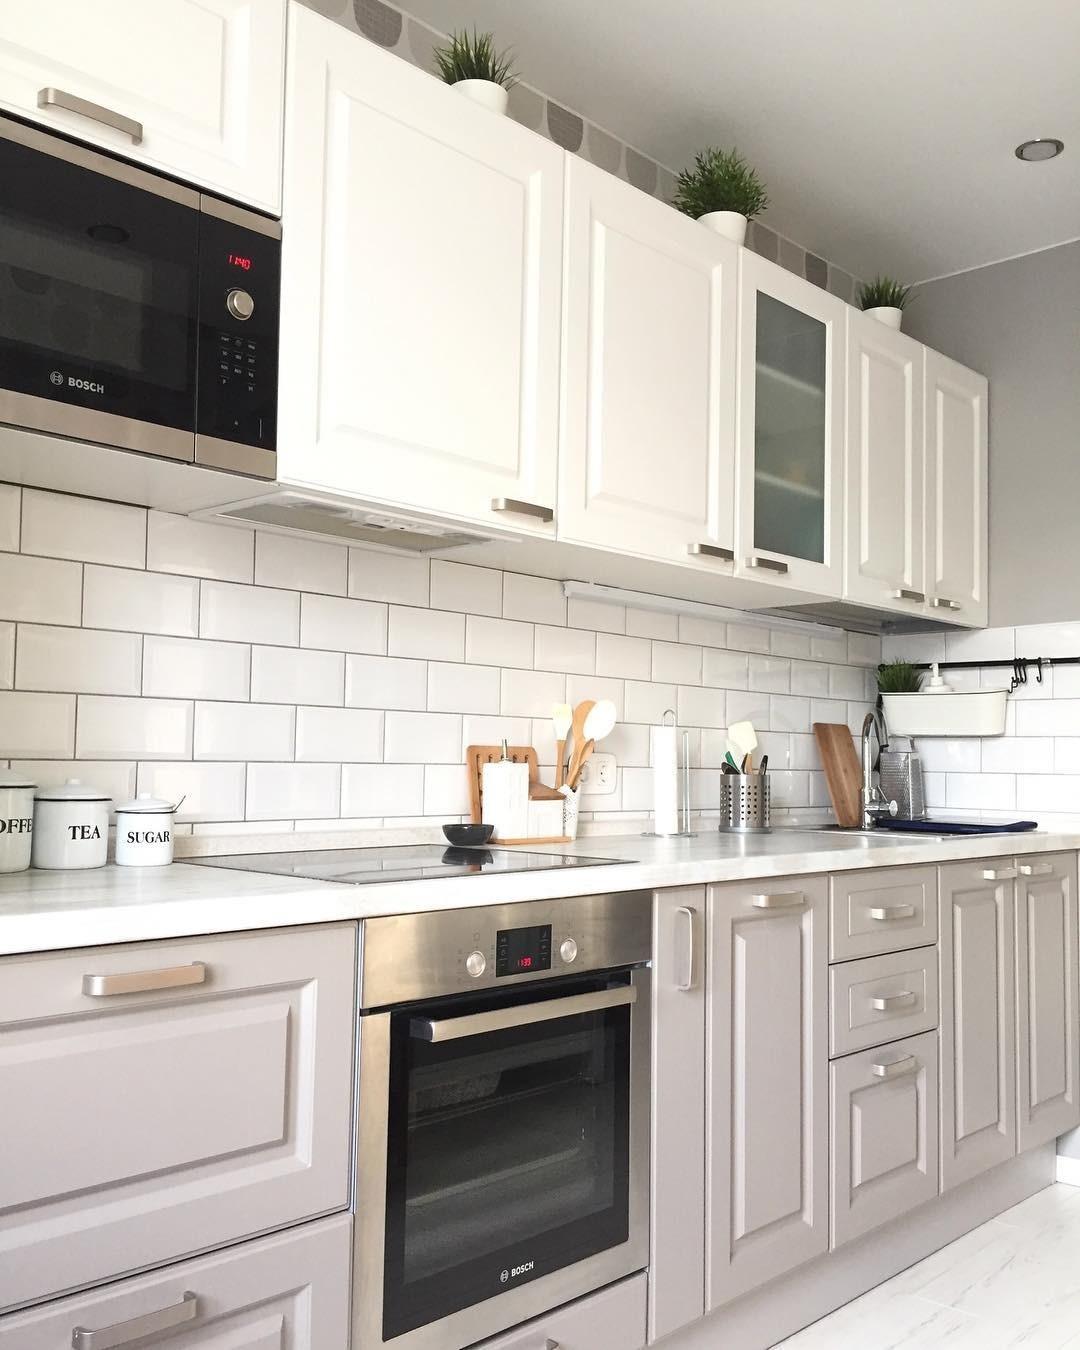 Вытяжки в интерьере кухни: 30+ дизайн-идей для гармоничного размещения